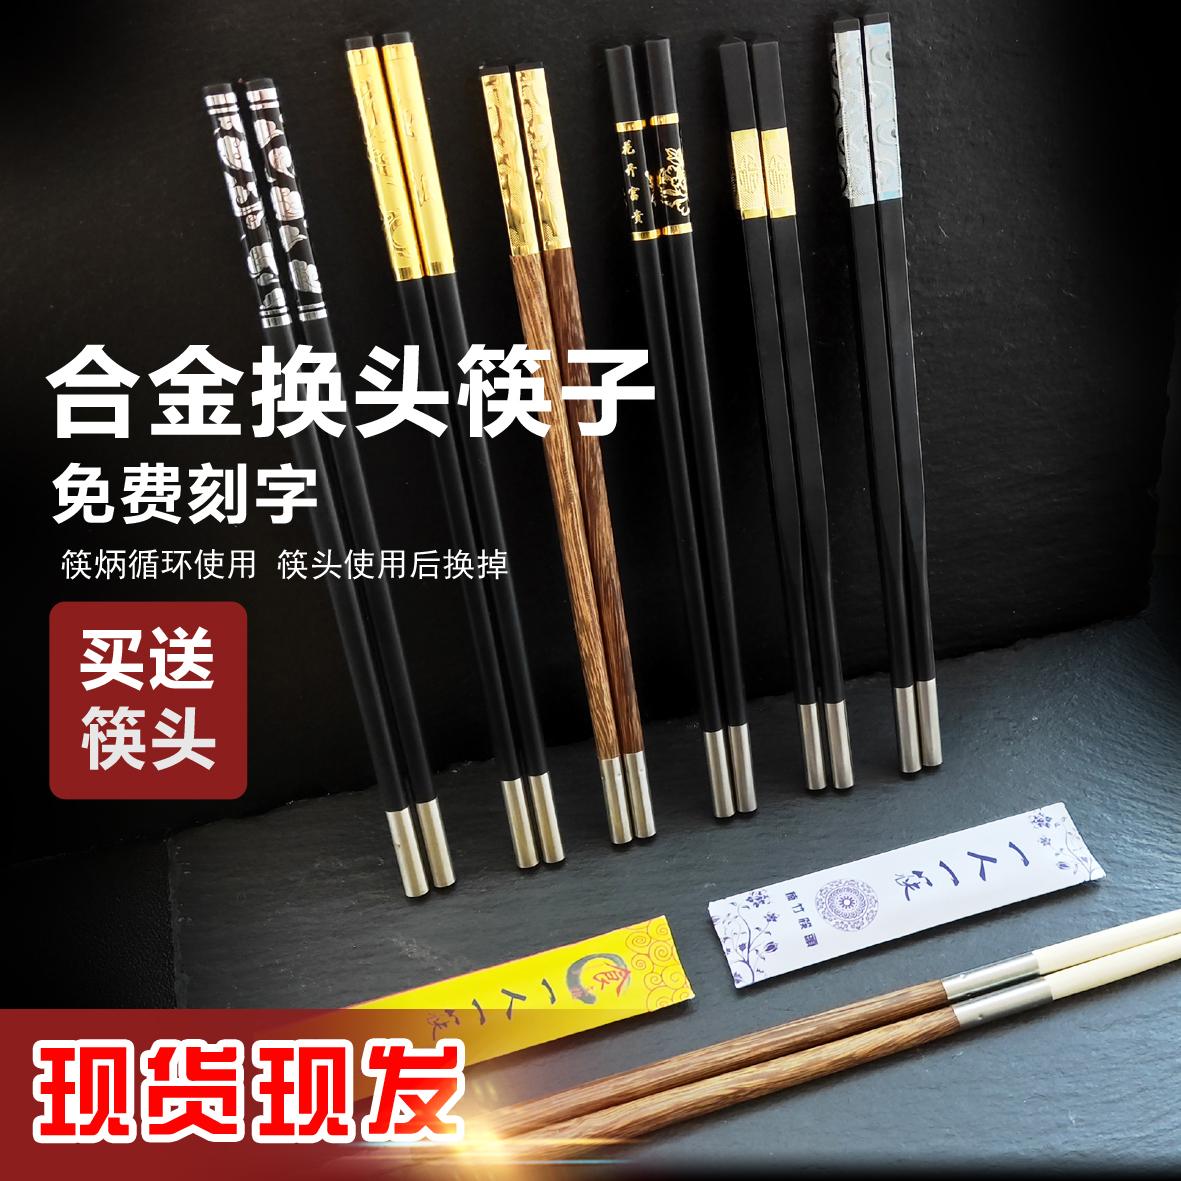 可换头筷子10双一次性筷子头接头筷拼接筷火锅筷头一人一筷定制